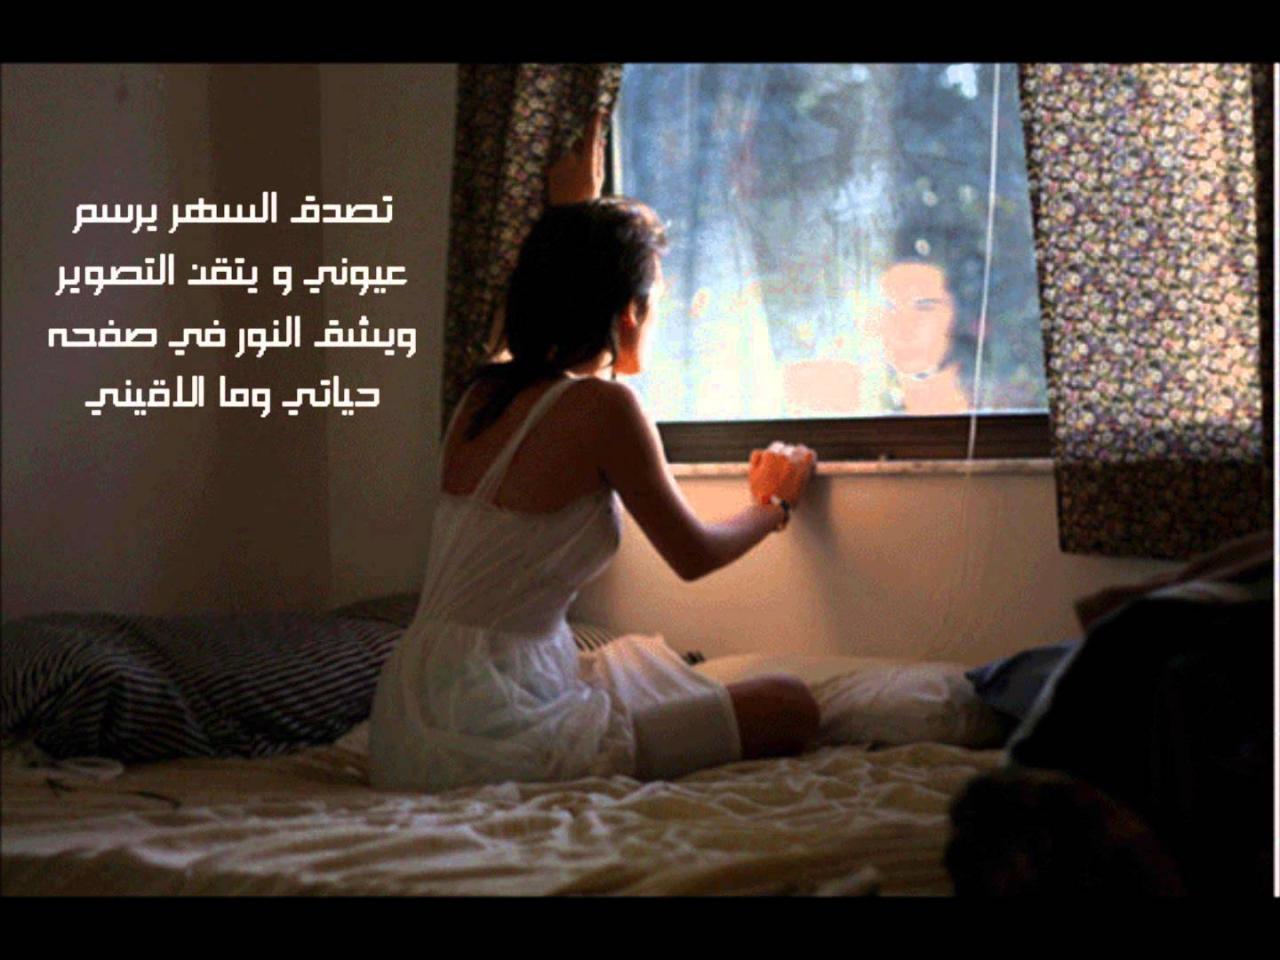 صورة قولها لمراتك وشوف هتعشقك ازاي, شعر غزل فاحش في وصف جسد المراة 3135 3